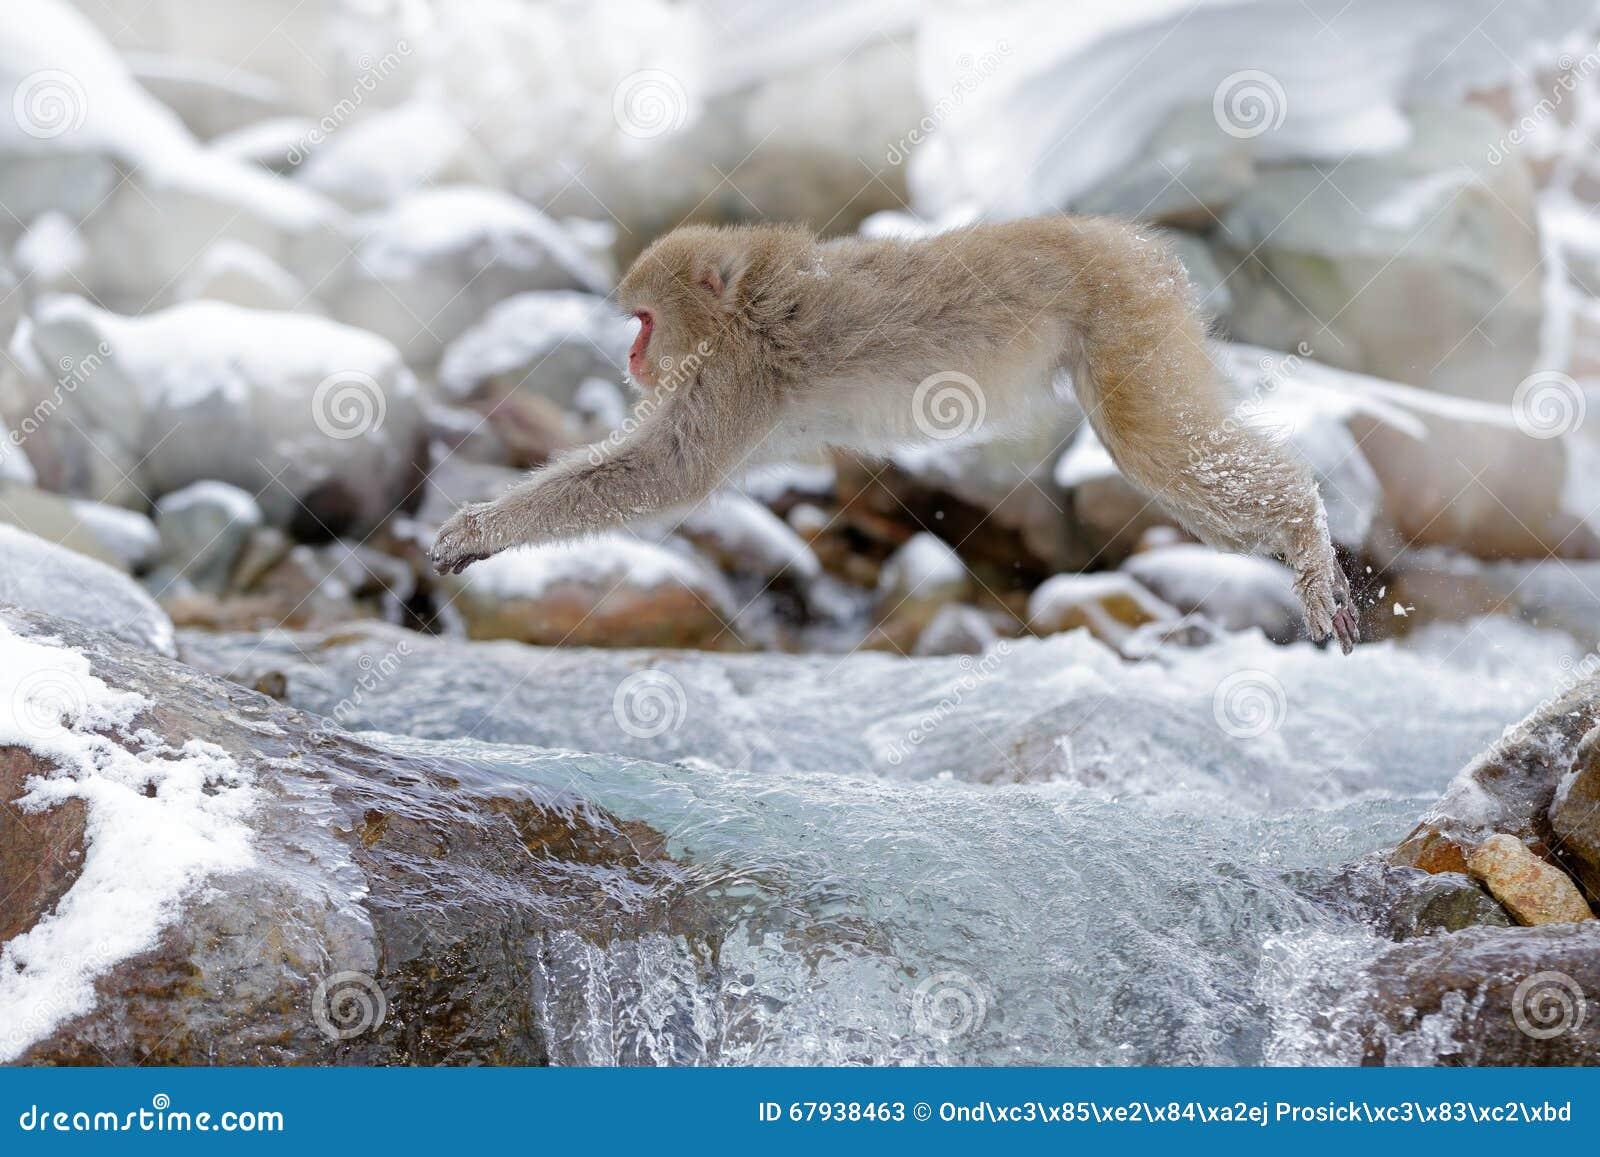 Aap Japanse macaque, Macaca-fuscata, die over de winterrivier springen, sneeuwsteen op achtergrond, Hokkaido, Japan